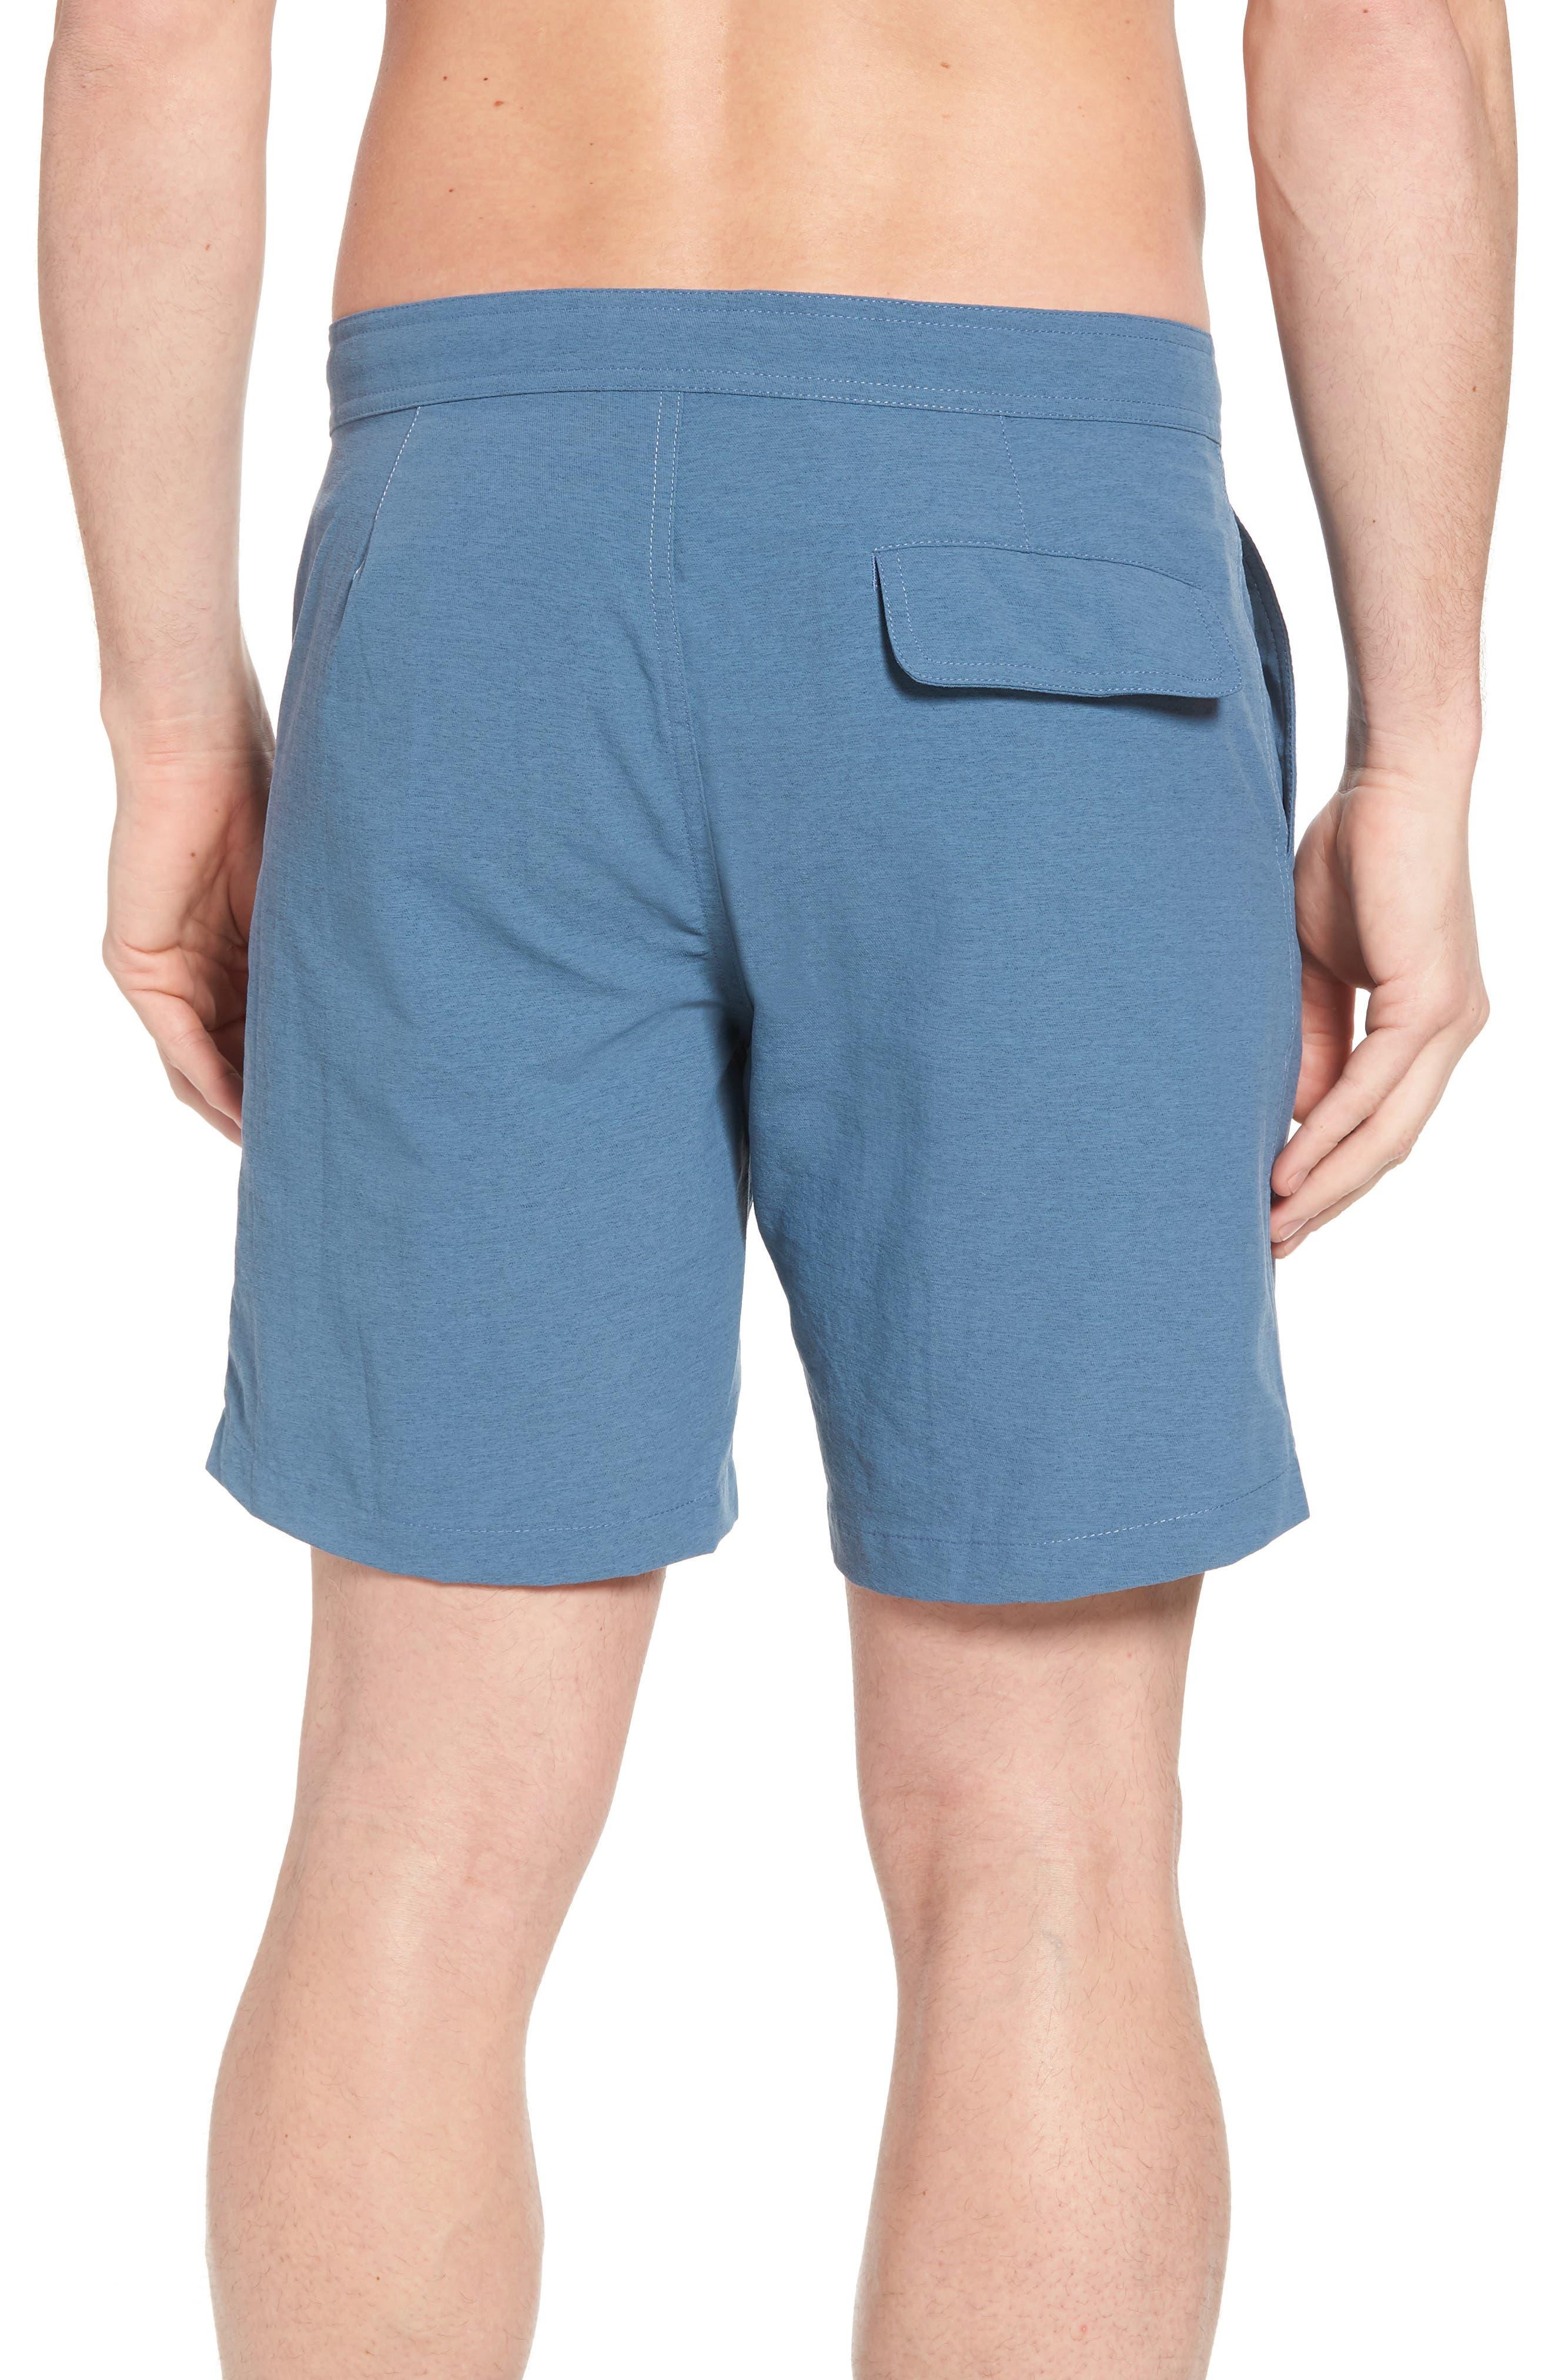 Bond Hybrid Shorts,                             Alternate thumbnail 2, color,                             TIDAL BLUE